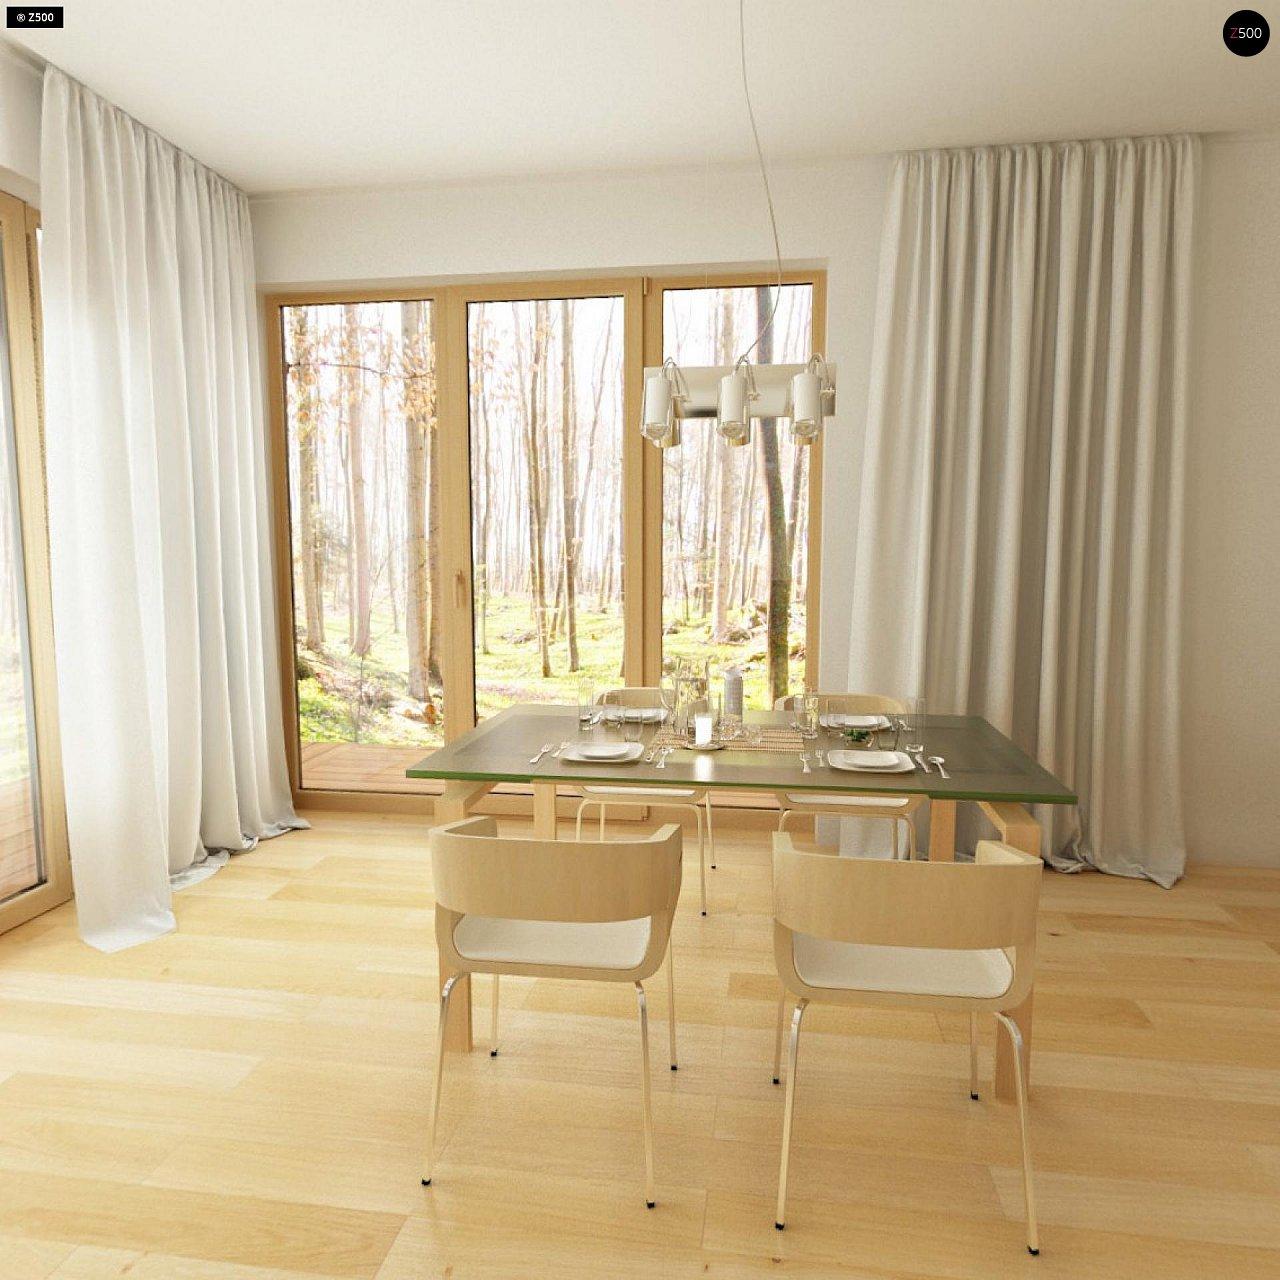 Двухэтажный дом, сочетающий традиционные формы и современный дизайн, с тремя спальнями и гаражом. 5